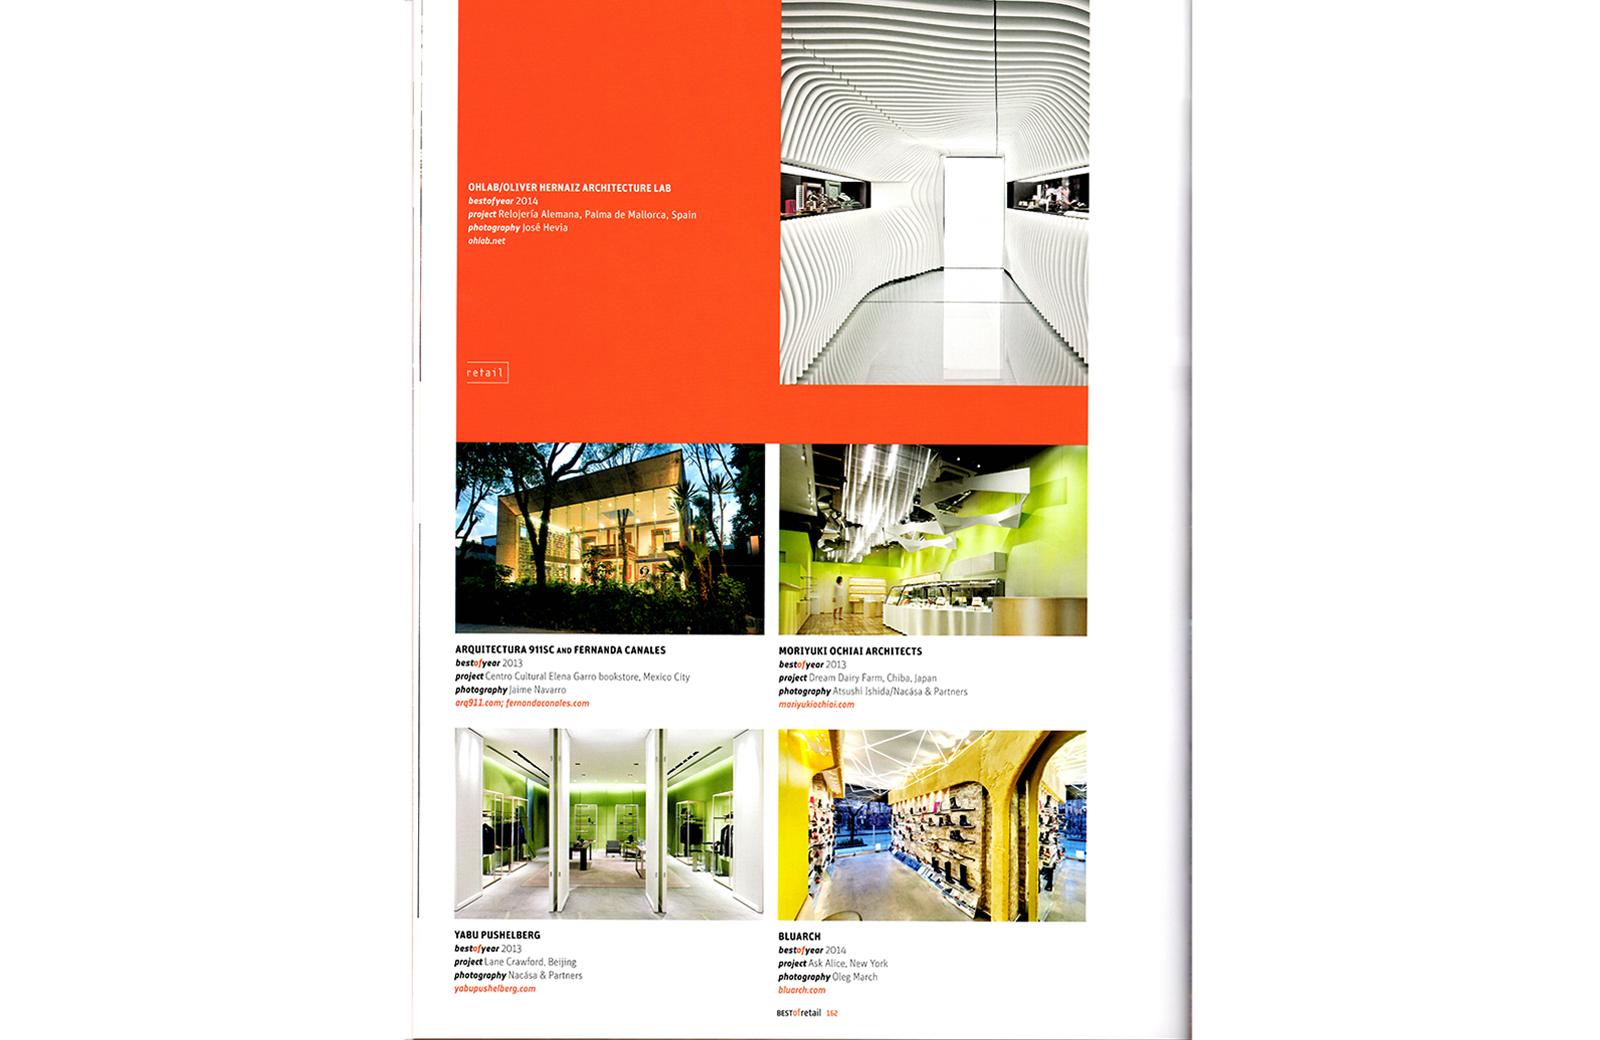 170605_interior-design_01